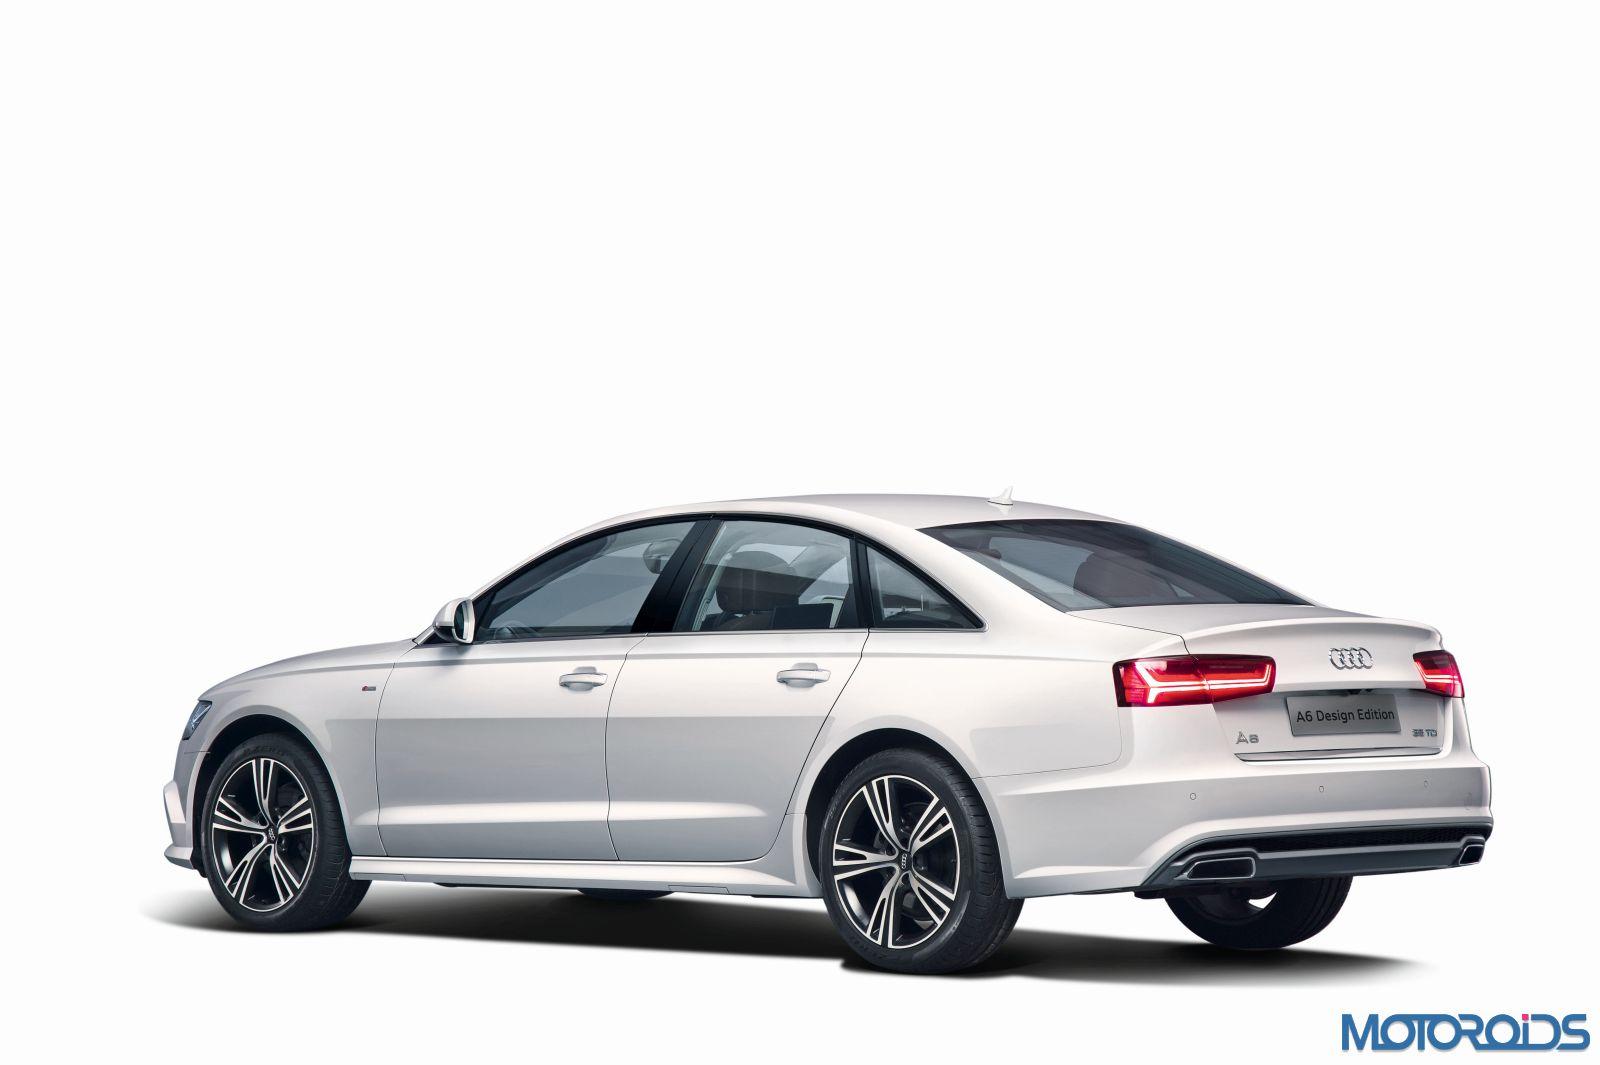 Audi-A6-Design-Edition-3